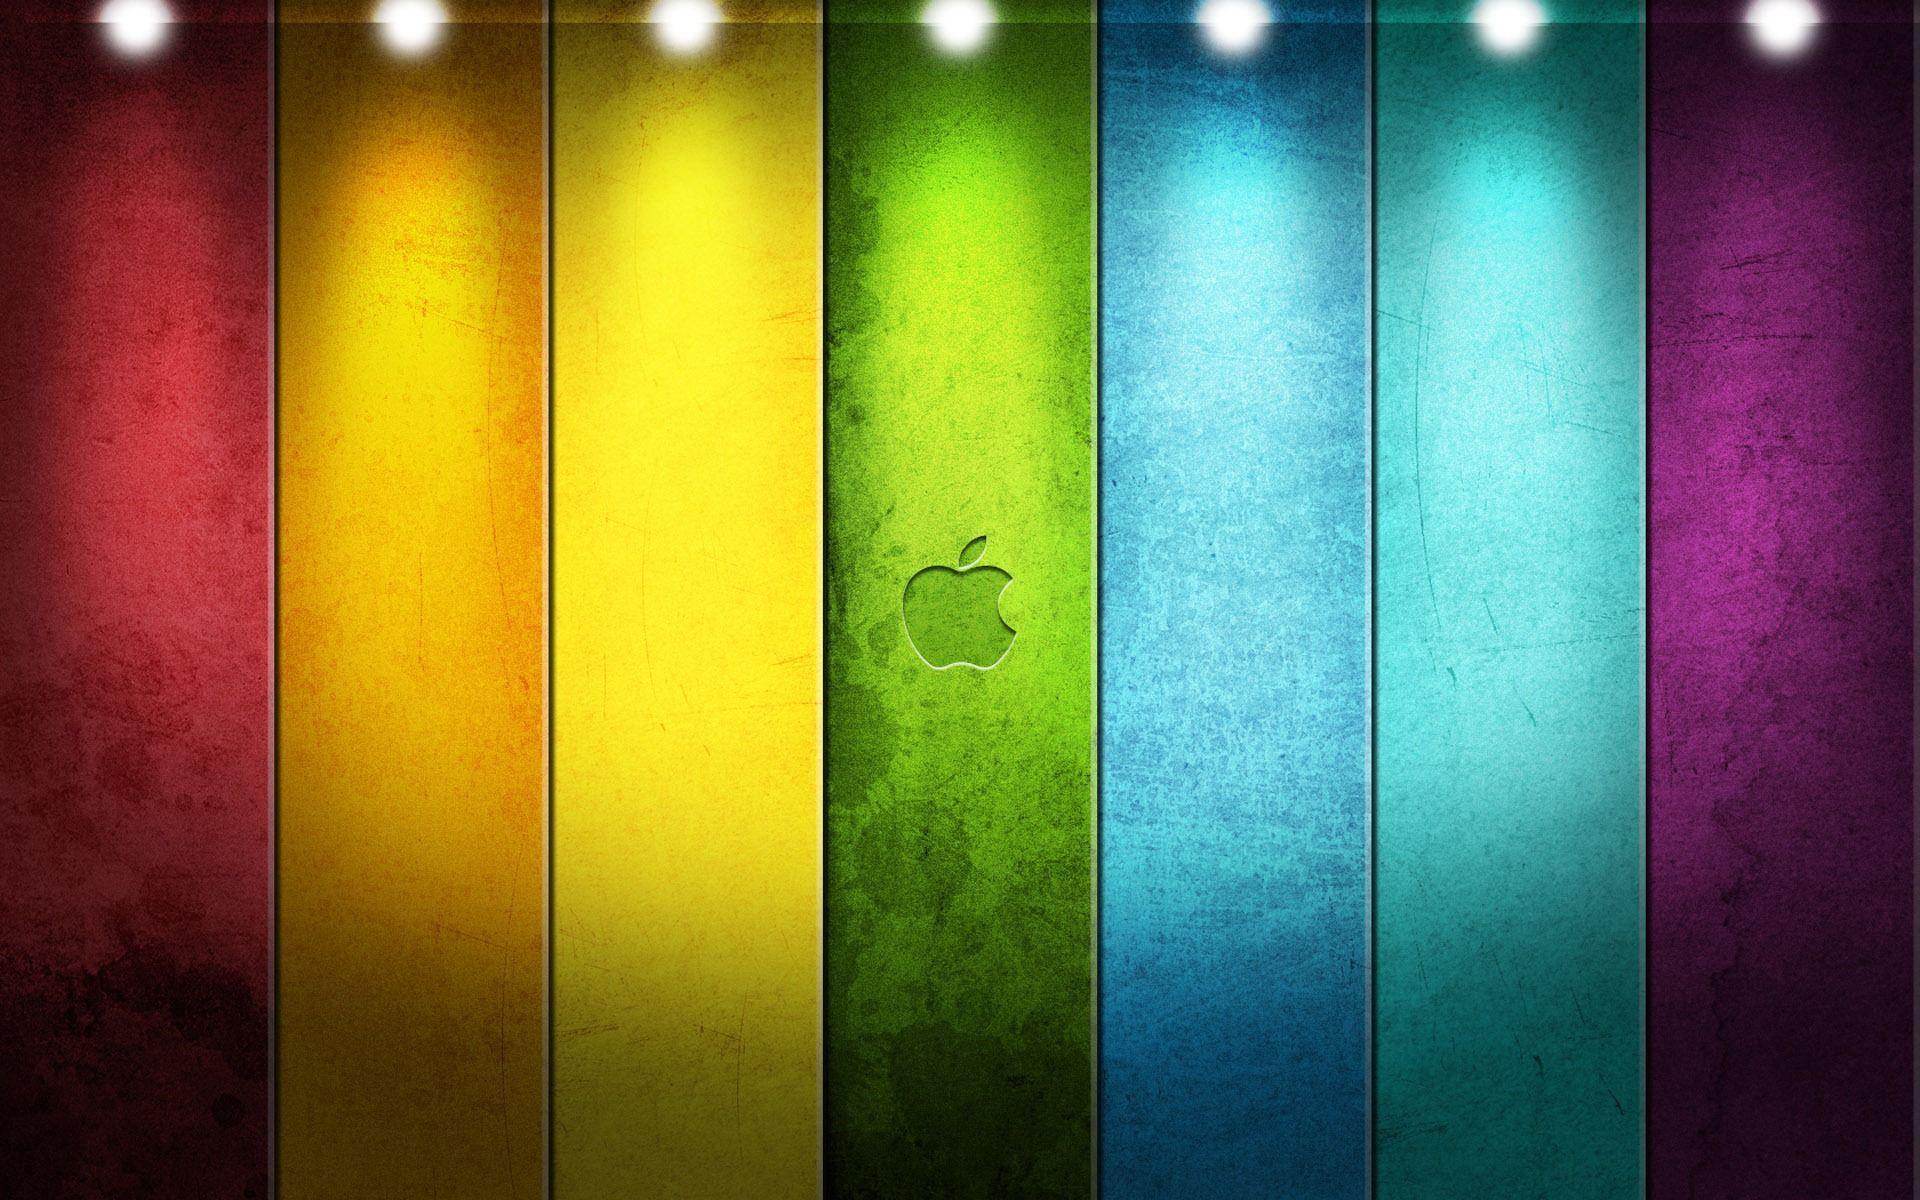 HD Color Wallpapers - Wallpaper Cave